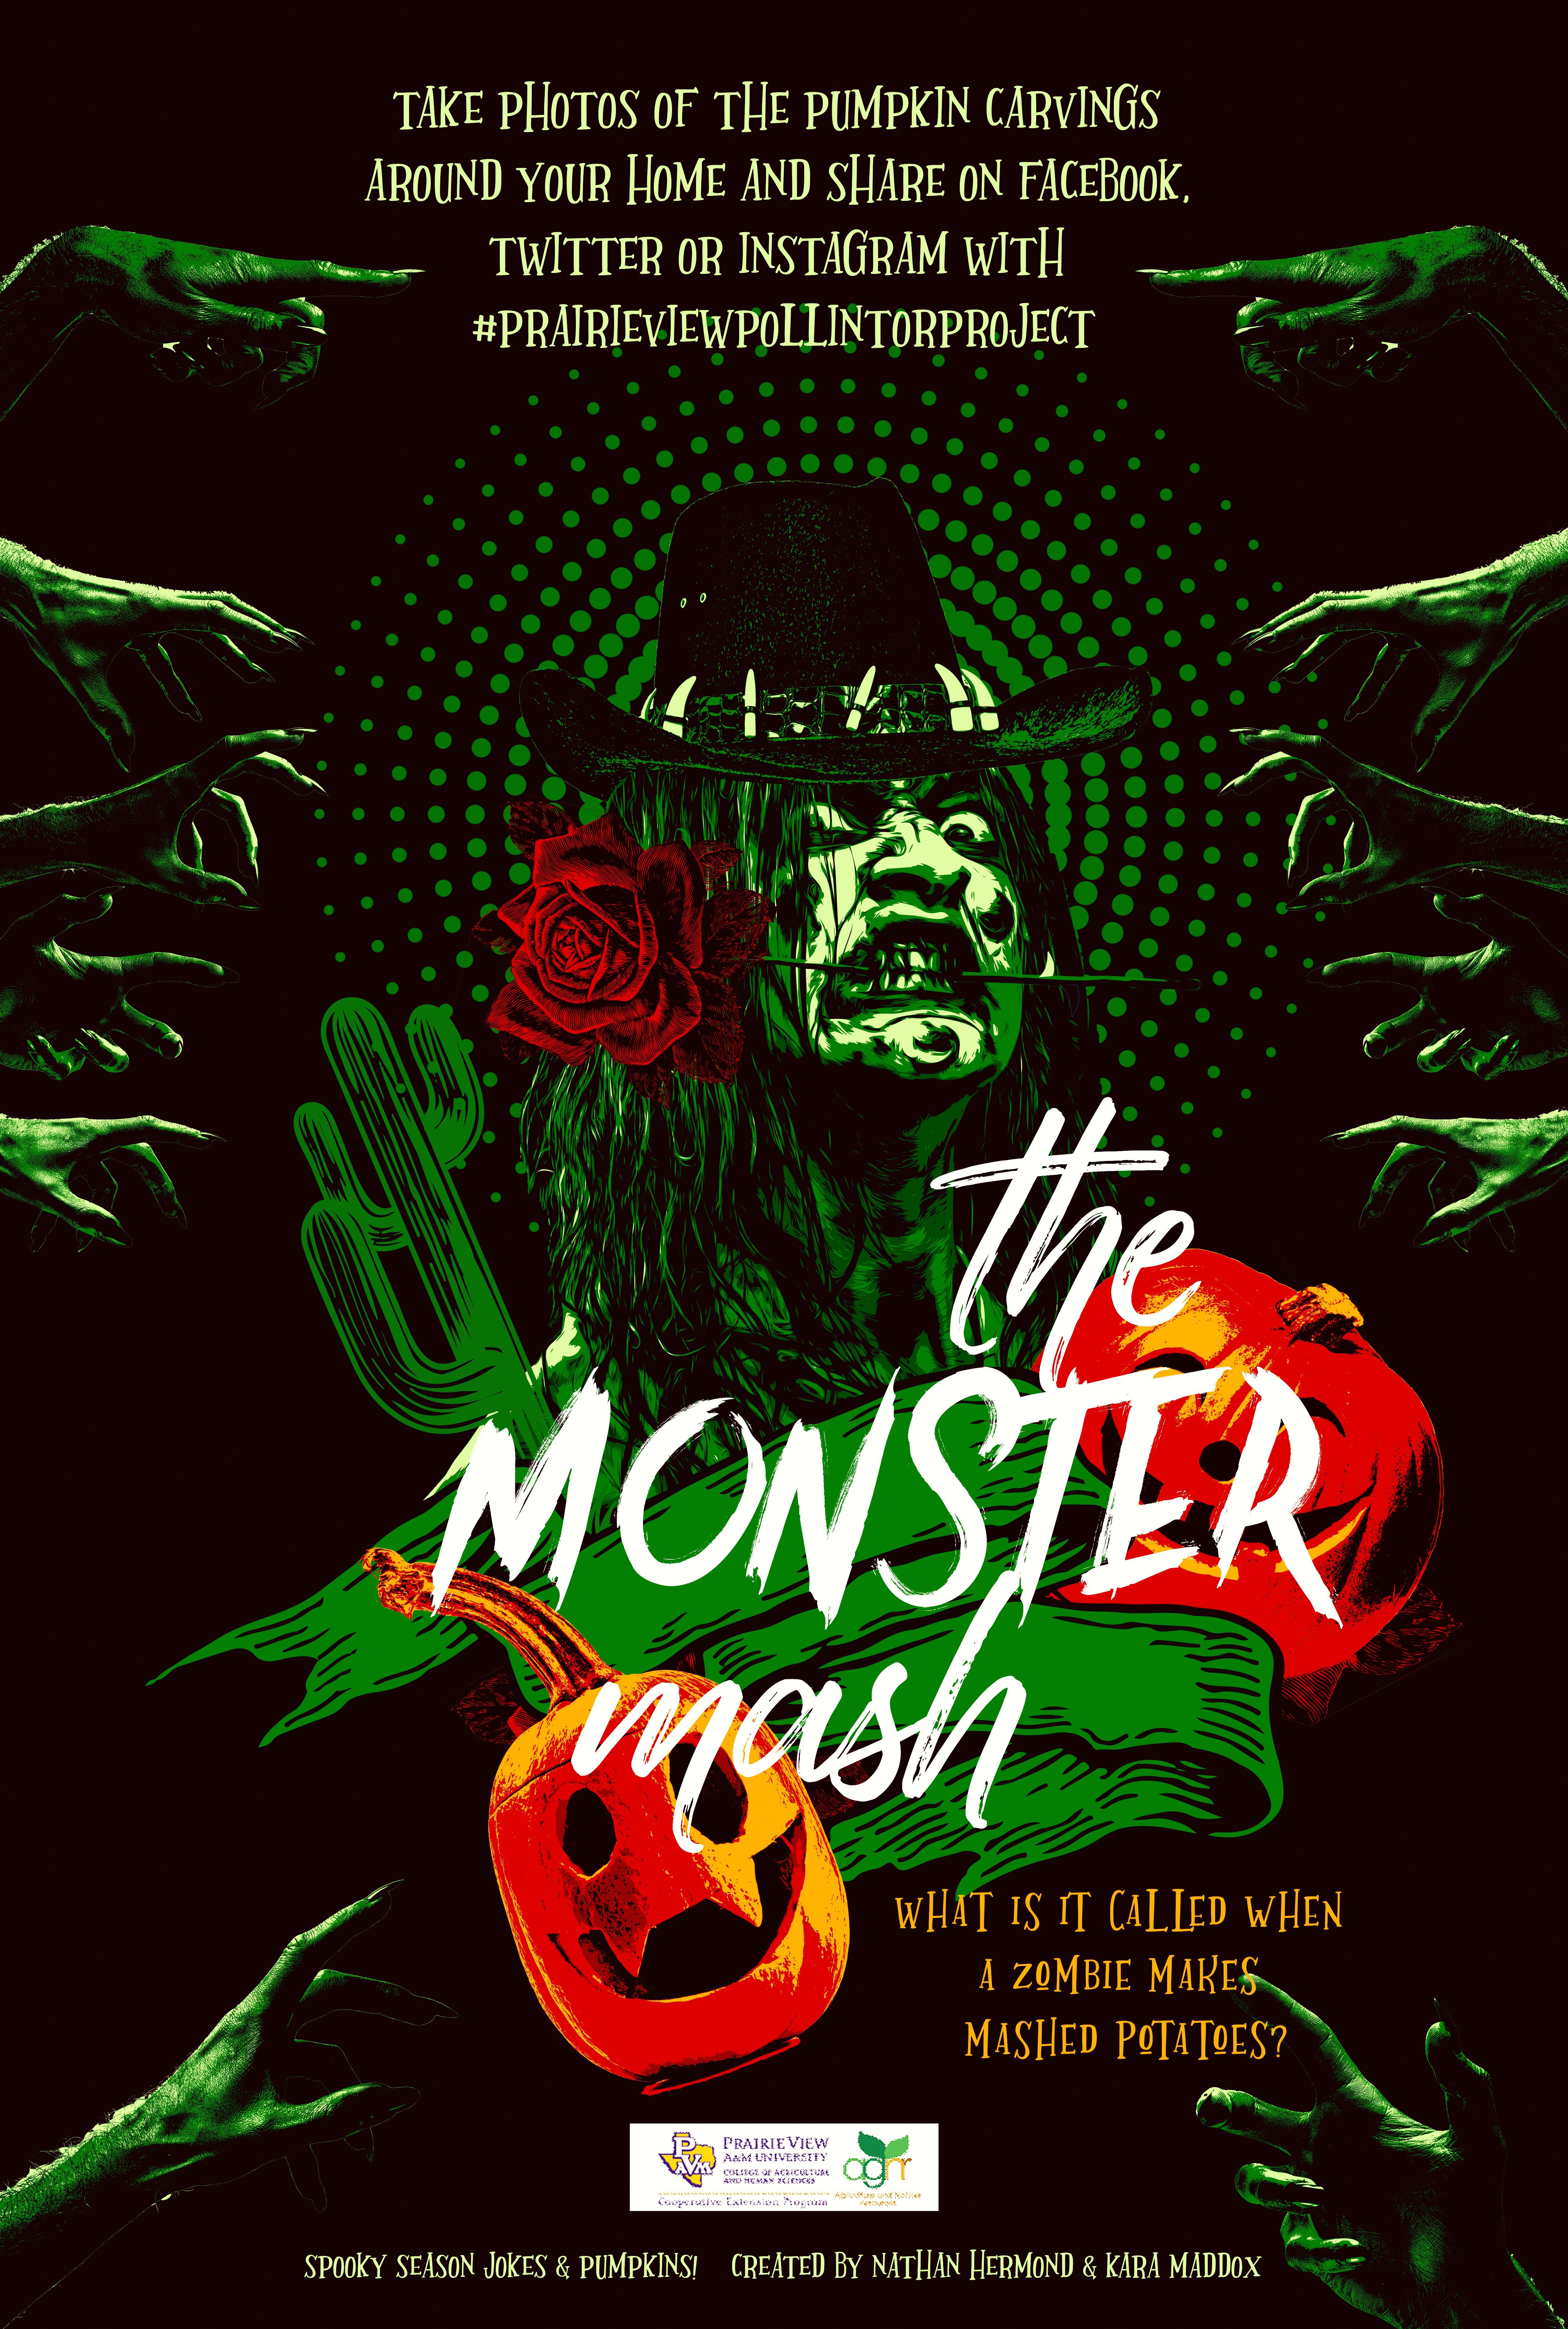 Spooky Jokers Needed for Halloween Poster Fun!